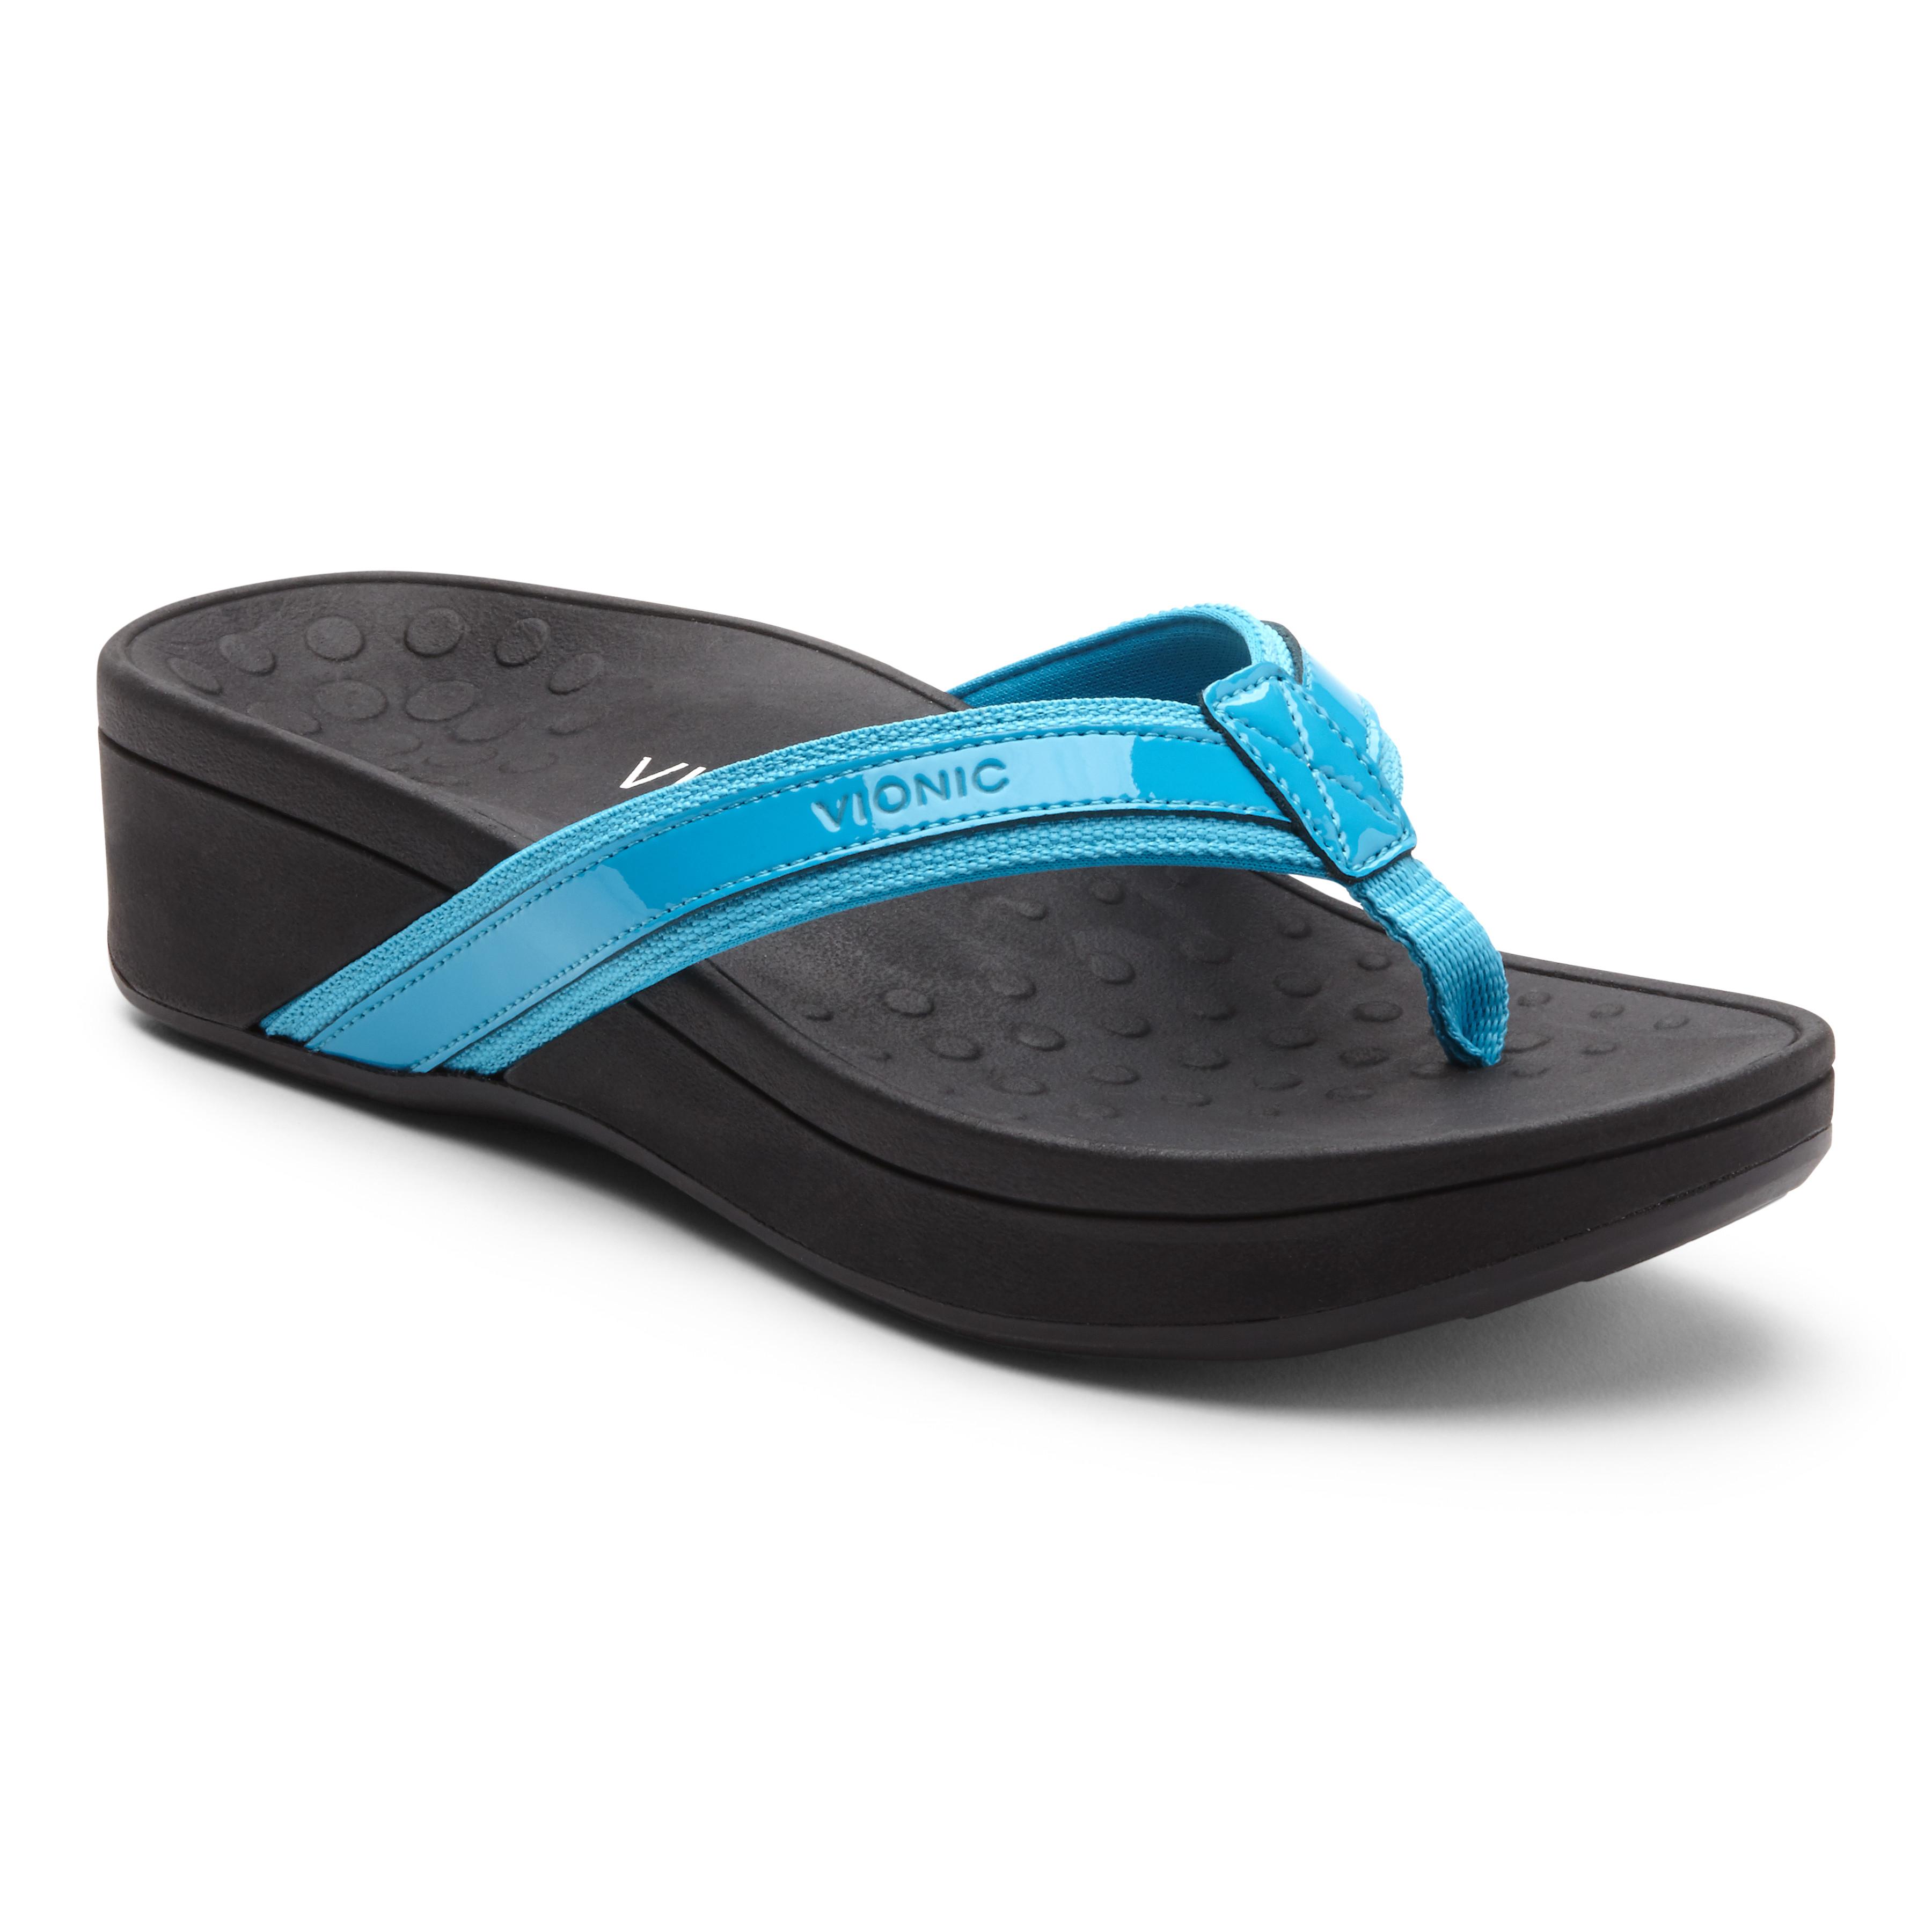 31d8f9a487b3 Vionic Women s High Tide Platform Sandal Turquoise